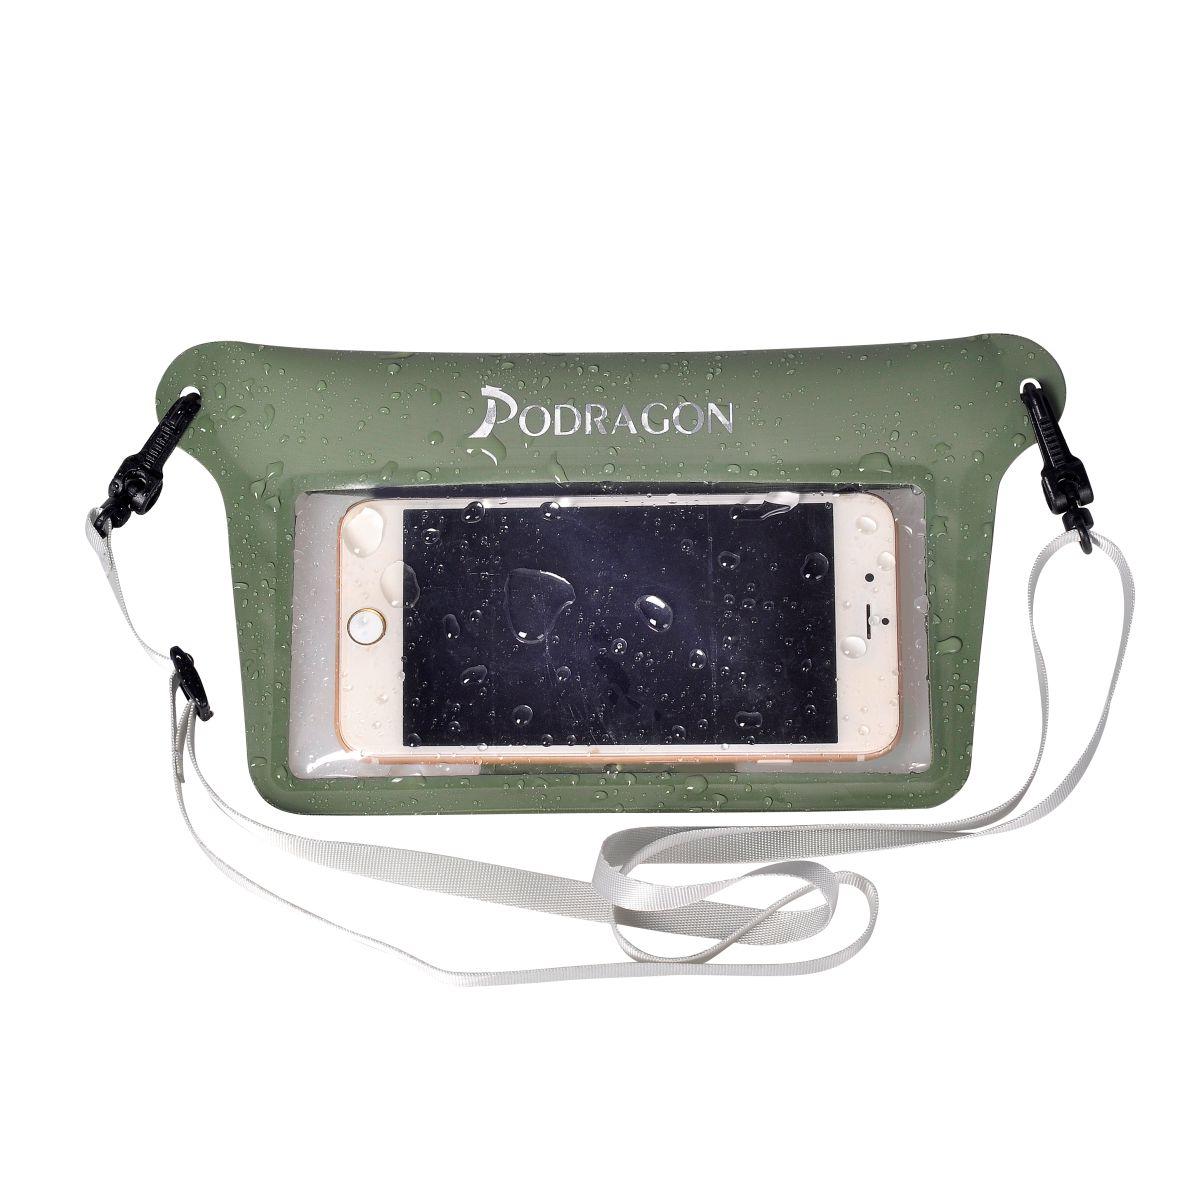 新款手机防水袋背隐式开口气密拉链加持时尚多色高颜值